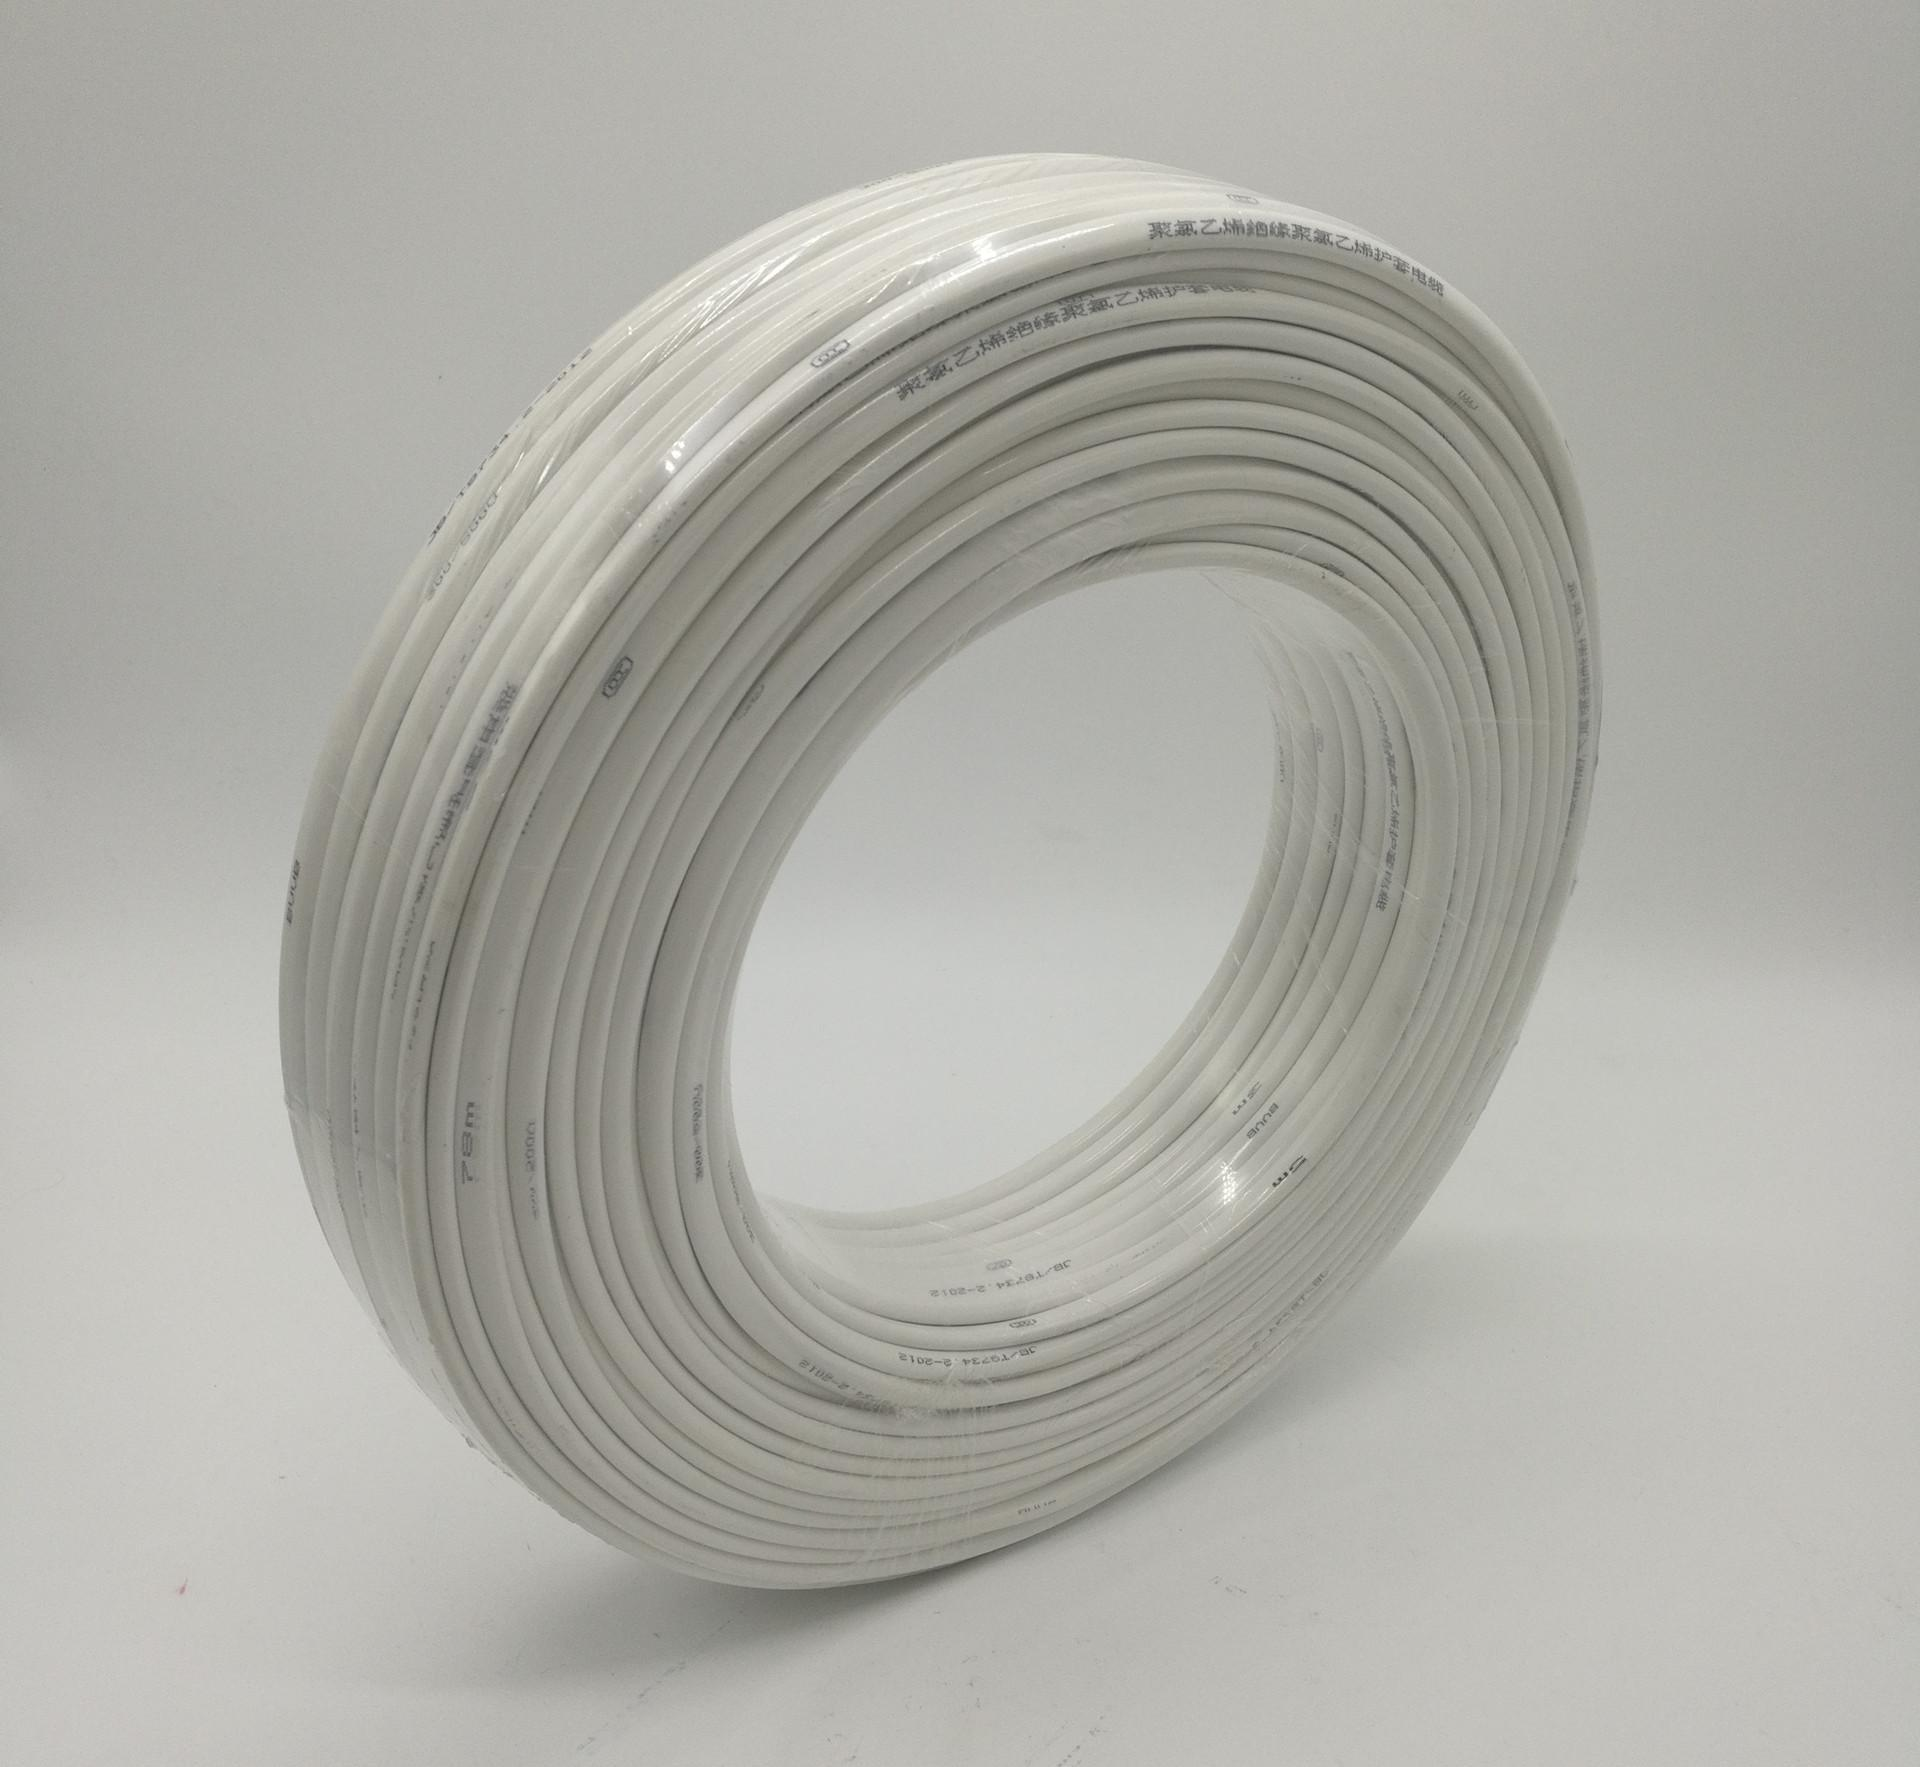 ZR-BVVB 铜芯阻燃聚氯乙烯绝缘聚氯乙烯护套扁平电线